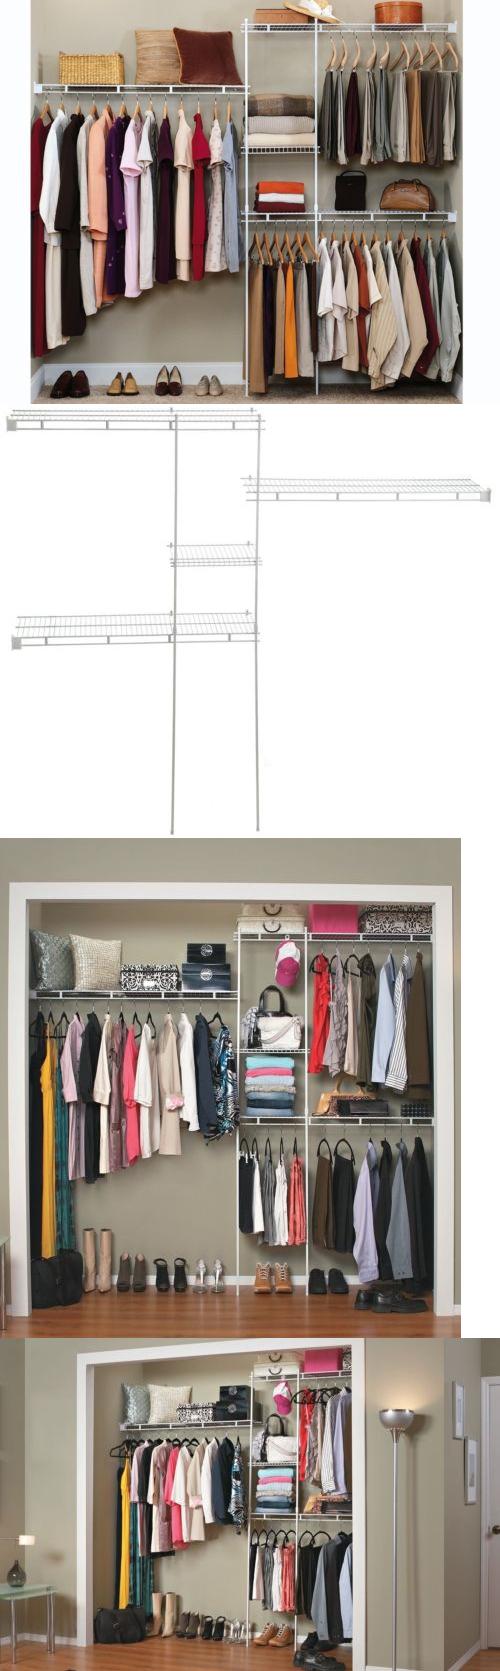 Closet organizers closet organizer shelves system kit shelf